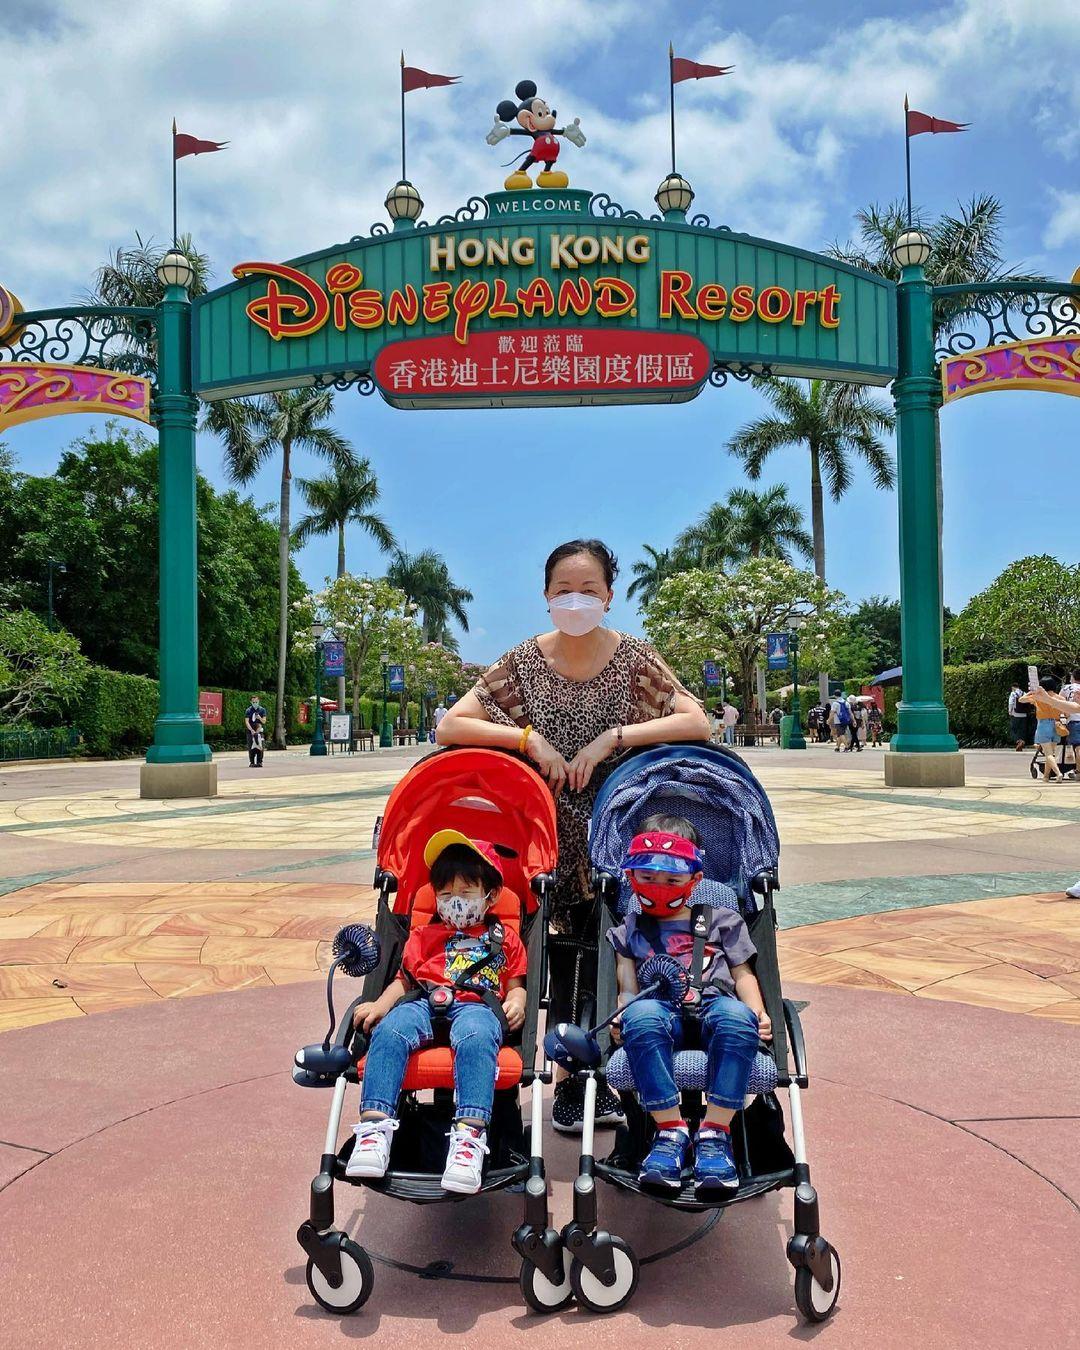 胡杏兒一家母親節遊迪士尼,三代同堂幸福滿滿,奕霆累到睡著